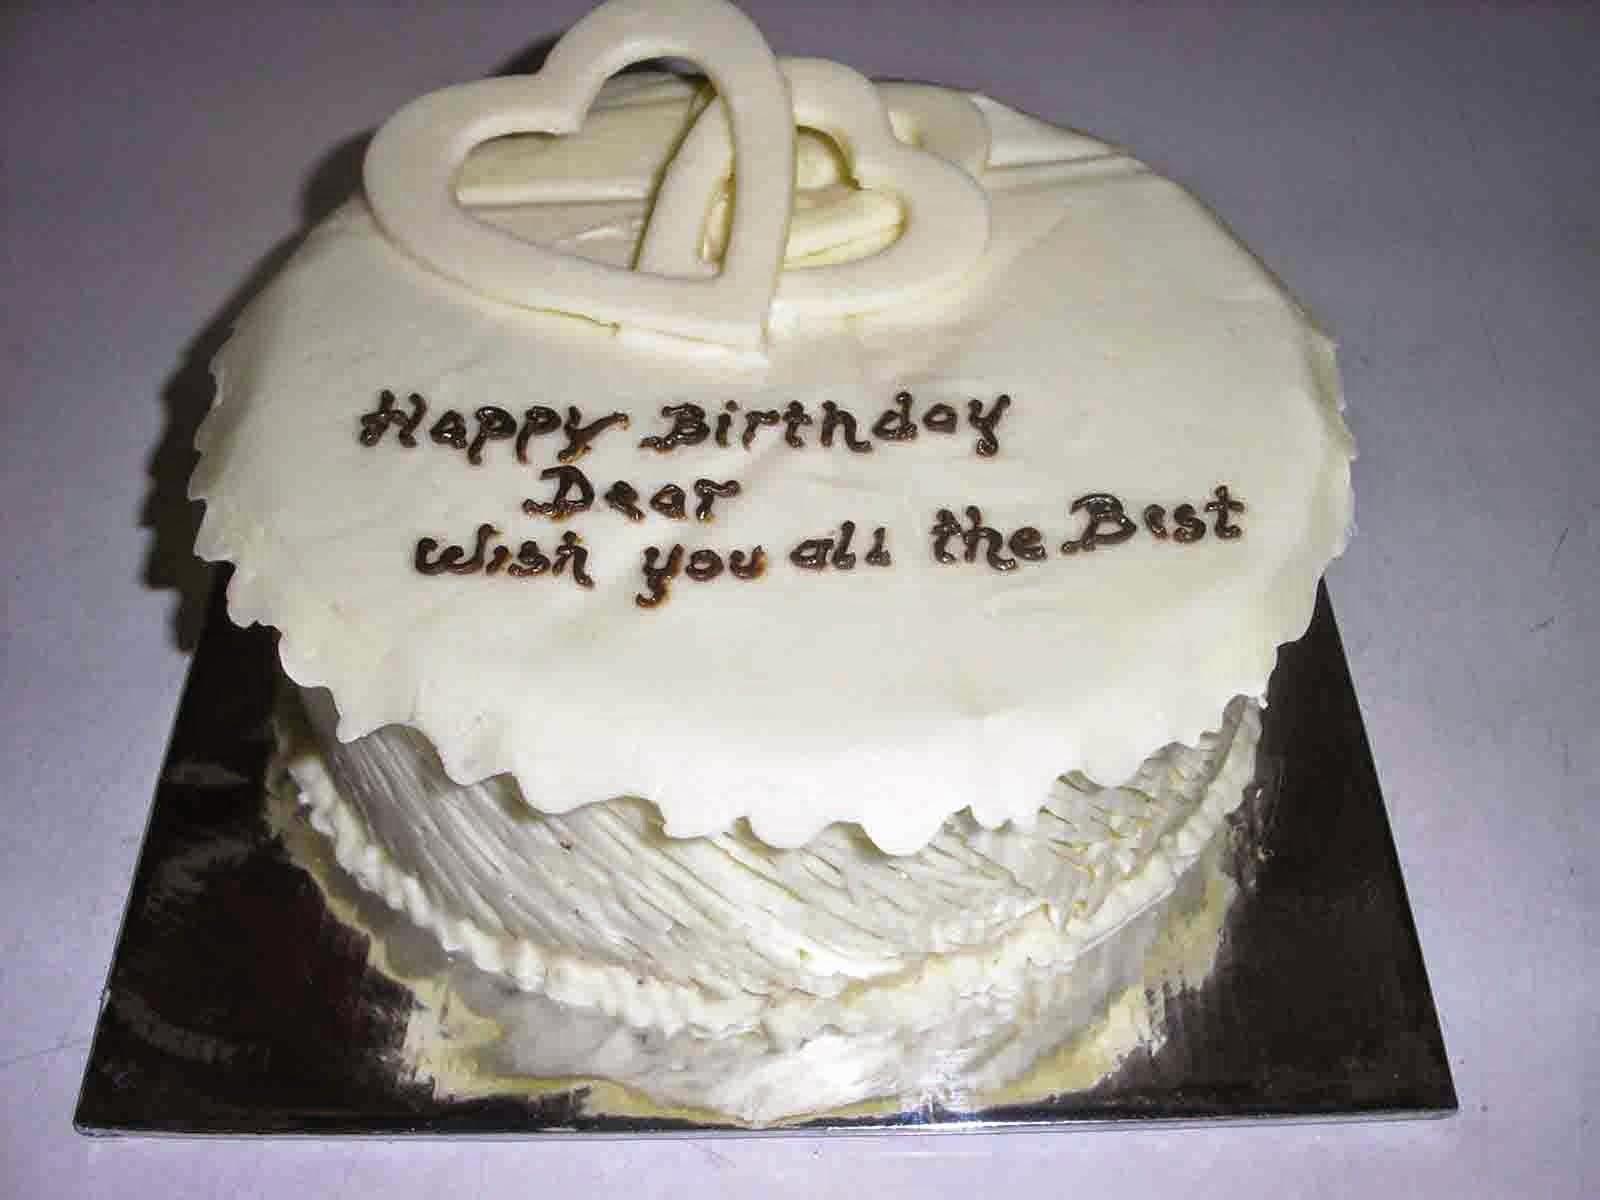 Kue Ulang Tahun Buat Pacar